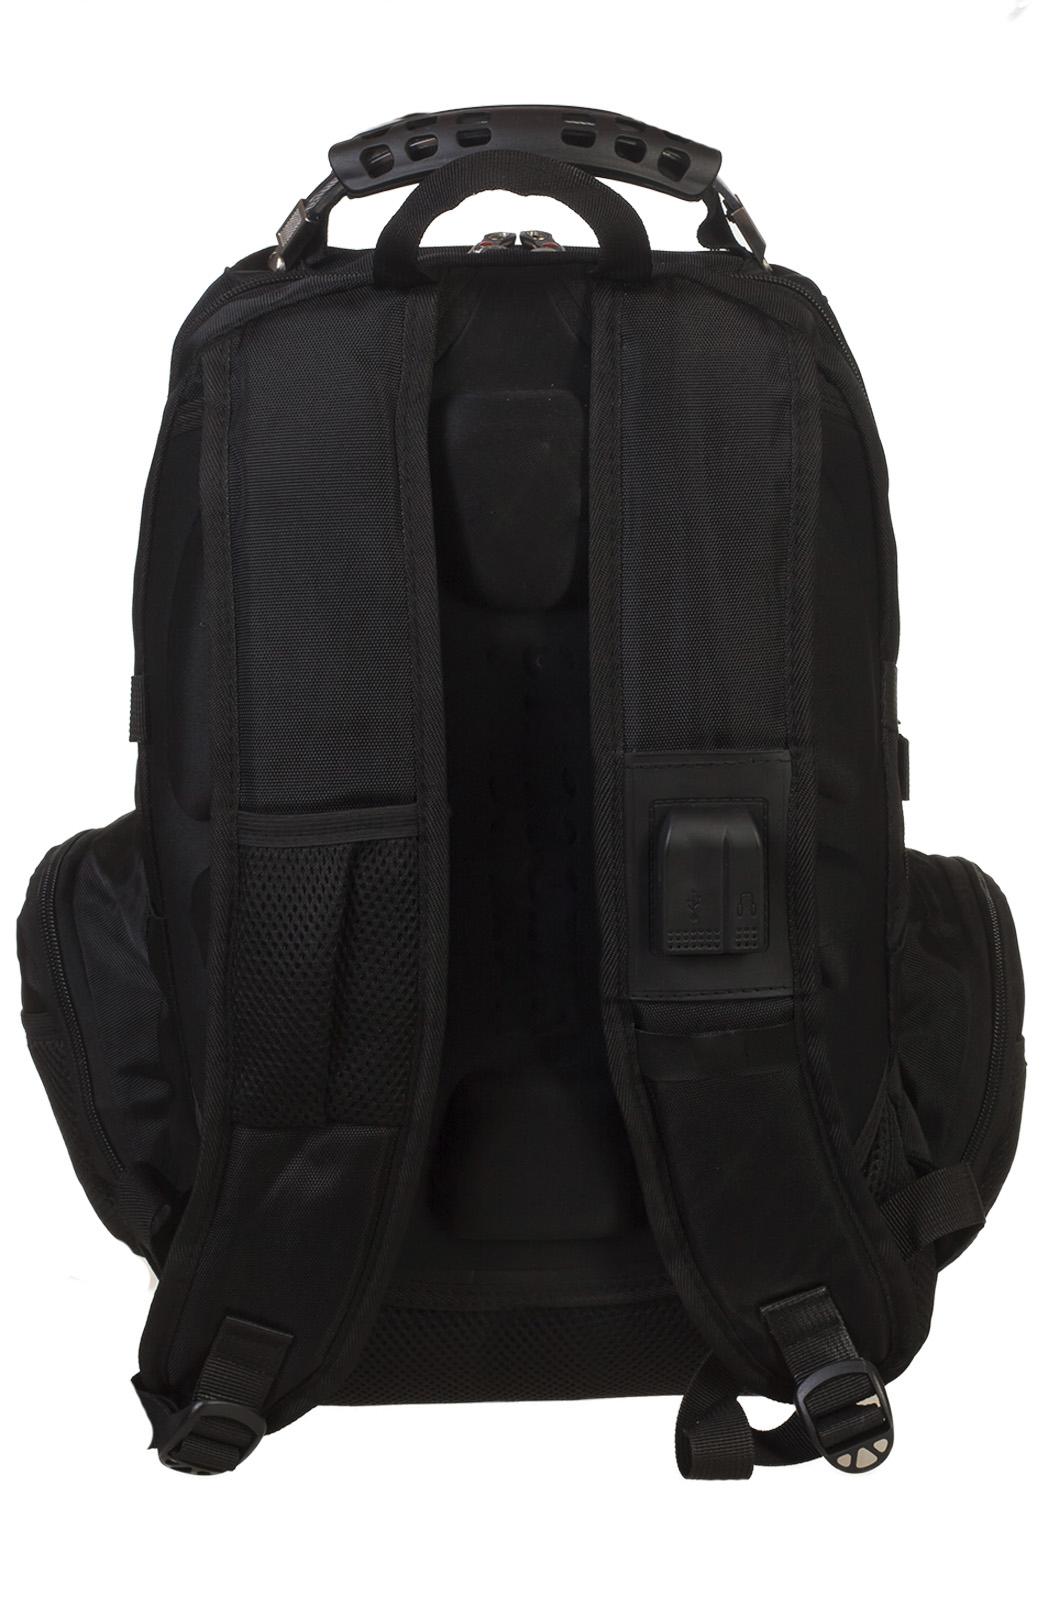 Повседневный мужской рюкзак с нашивкой ВДВ - заказать по низкой цене